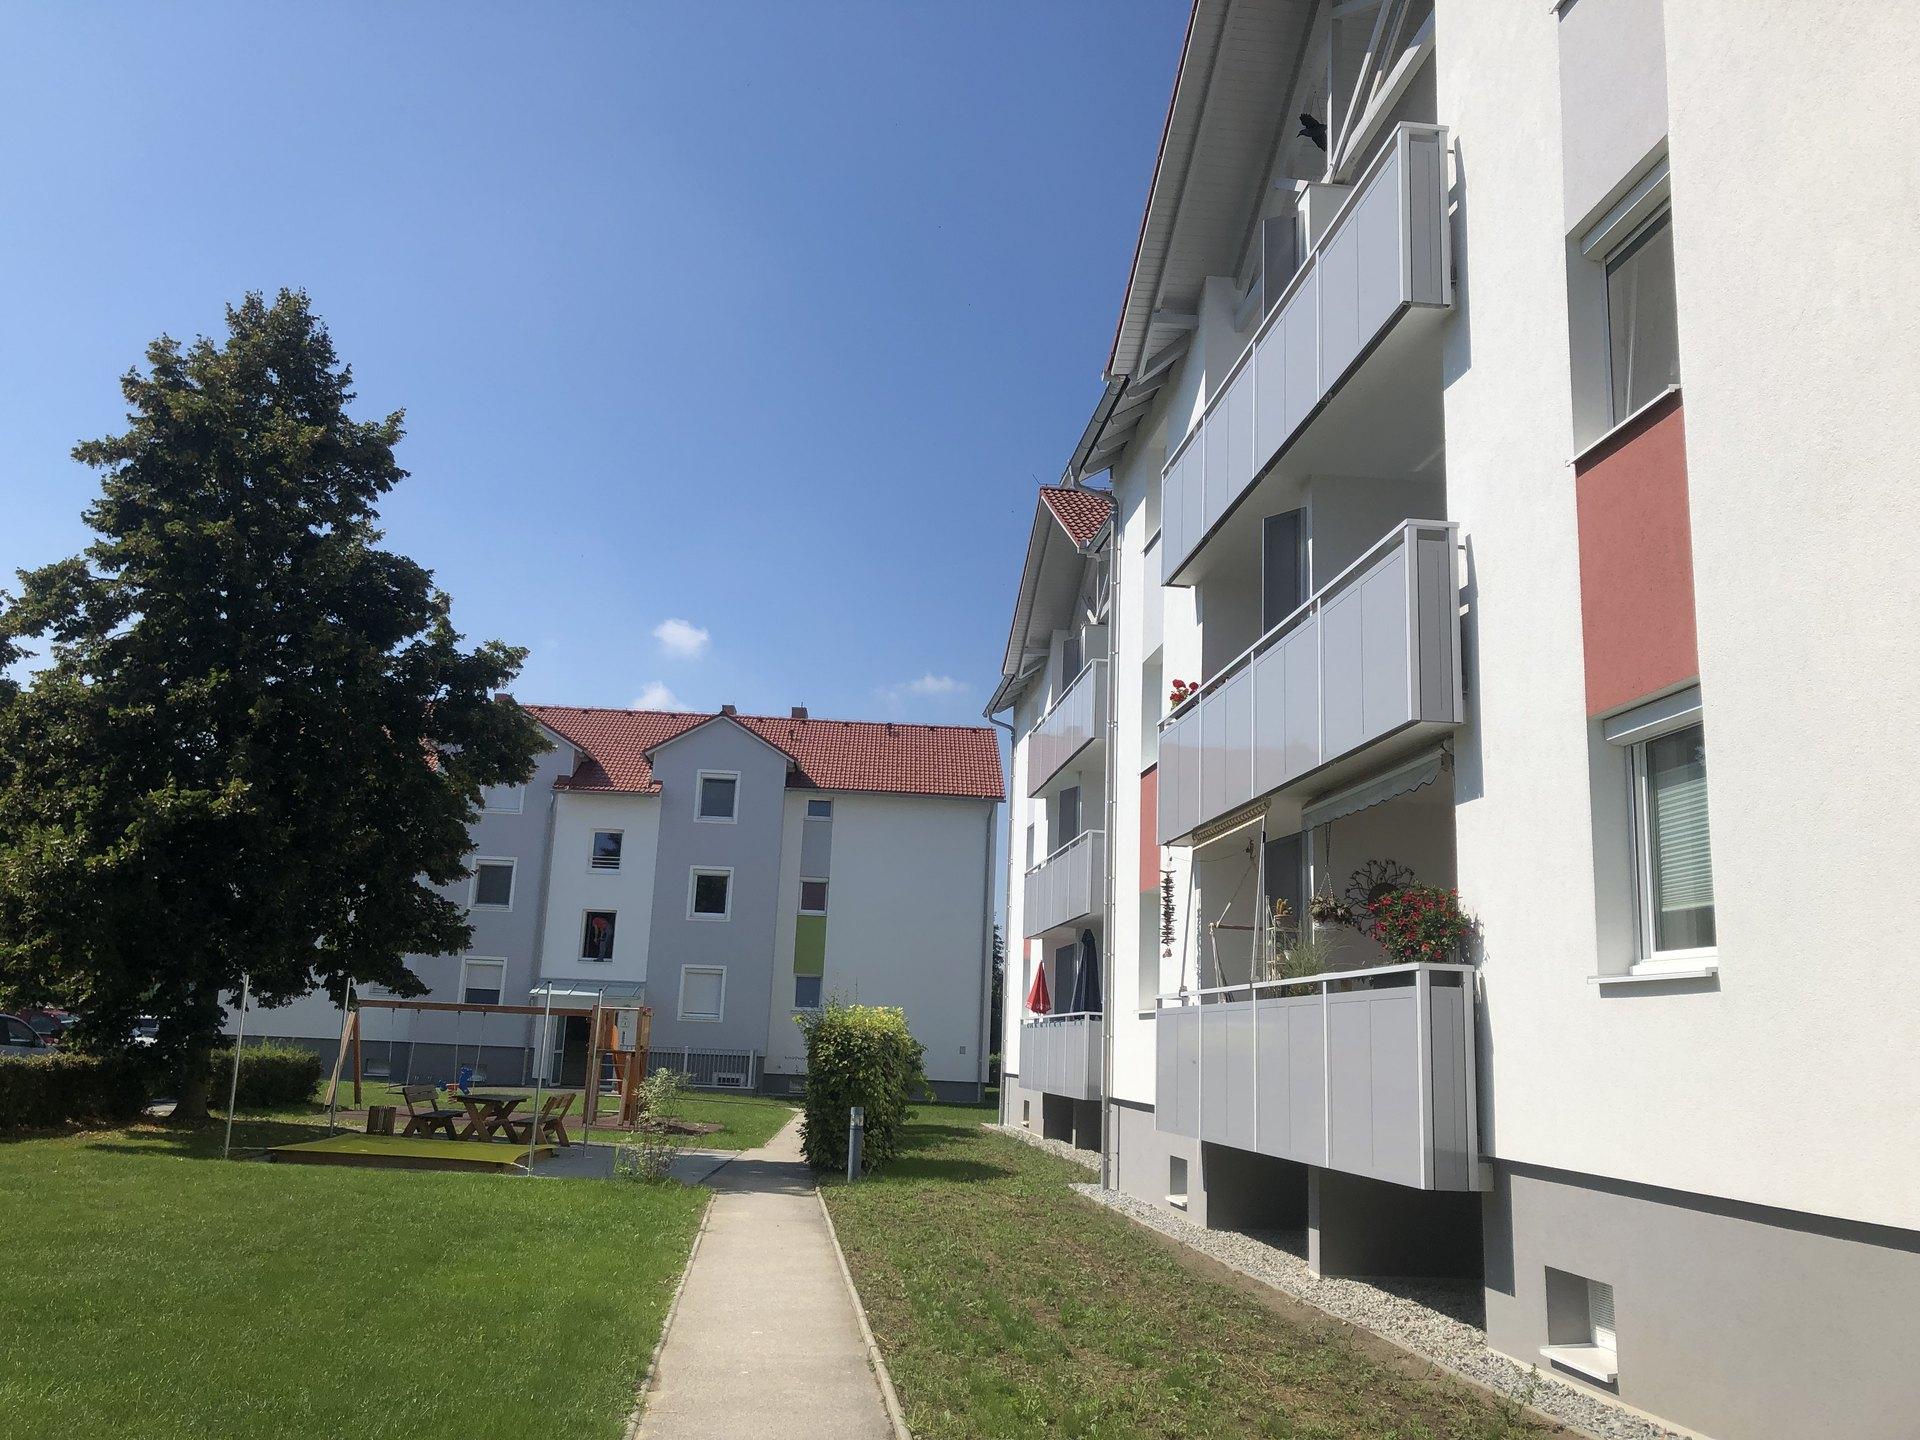 Wohnhausanlage Feldkirchen